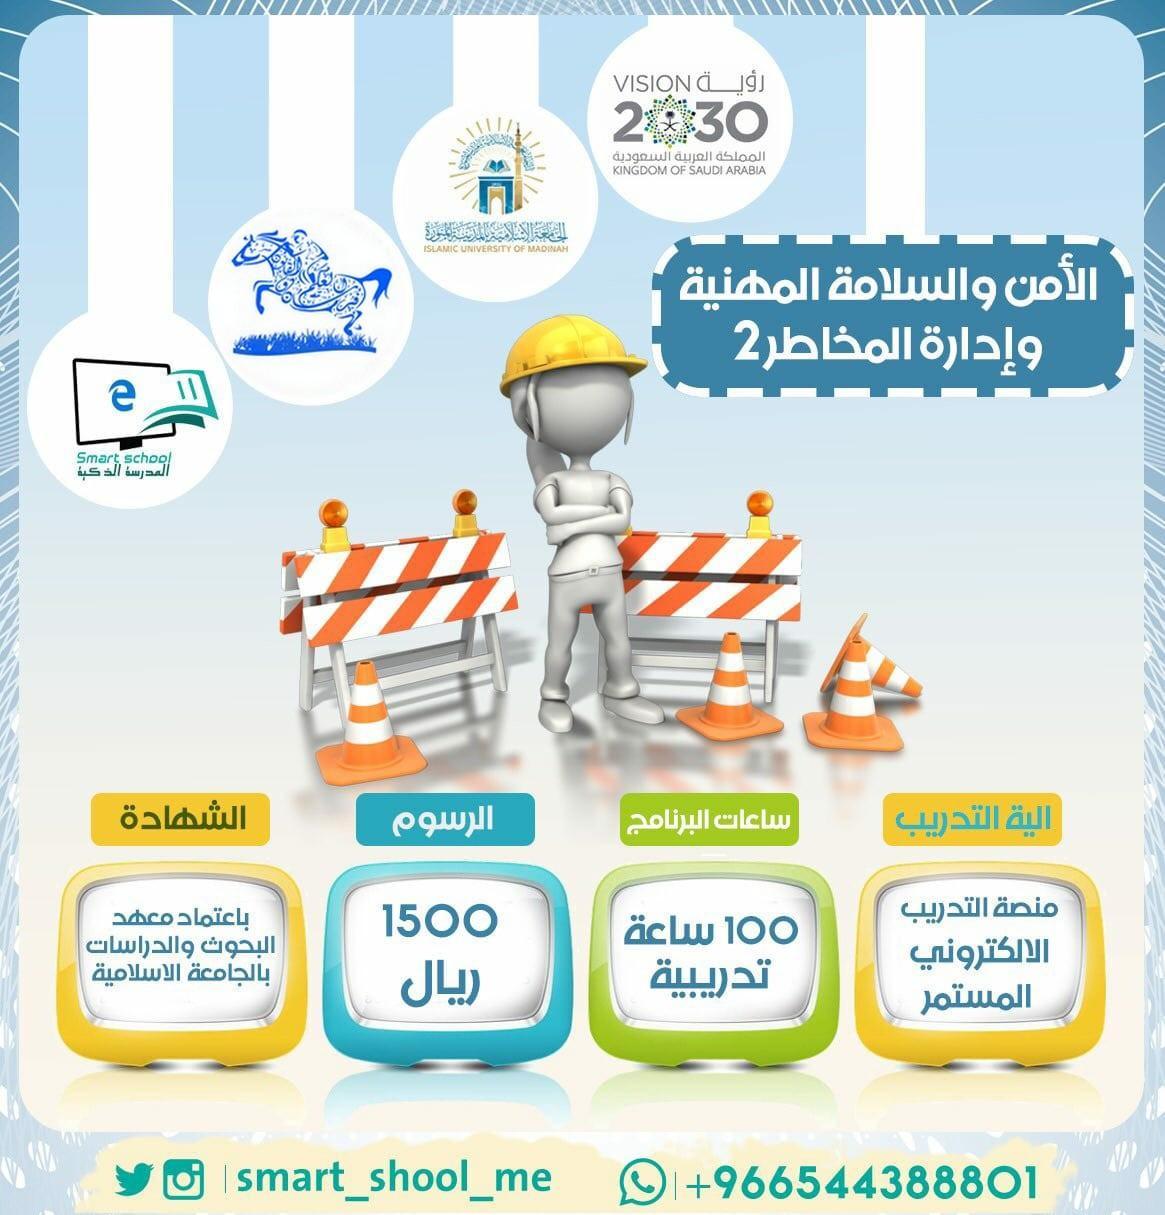 دبلوم الأمن والسلامة المهنية وإدارة